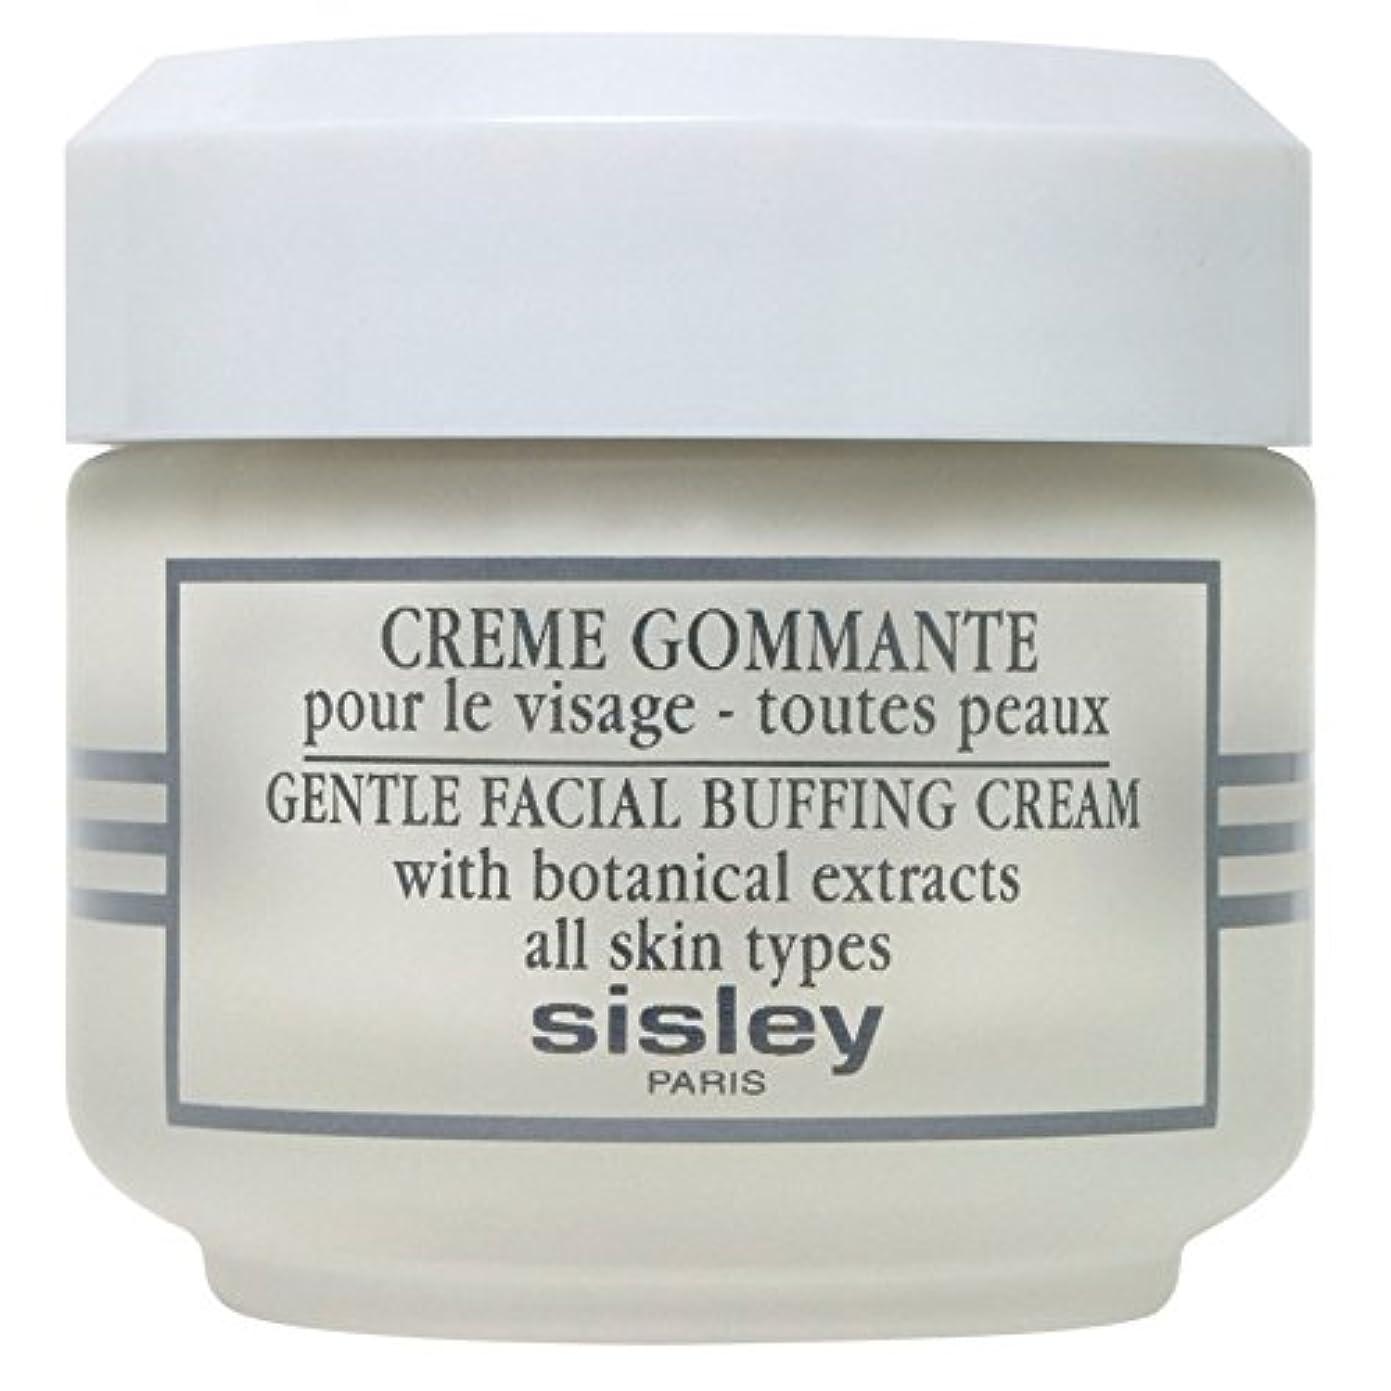 アプライアンスハグ賛辞[Sisley] シスレー優しい顔のバフクリーム50Ml - Sisley Gentle Facial Buffing Cream 50ml [並行輸入品]